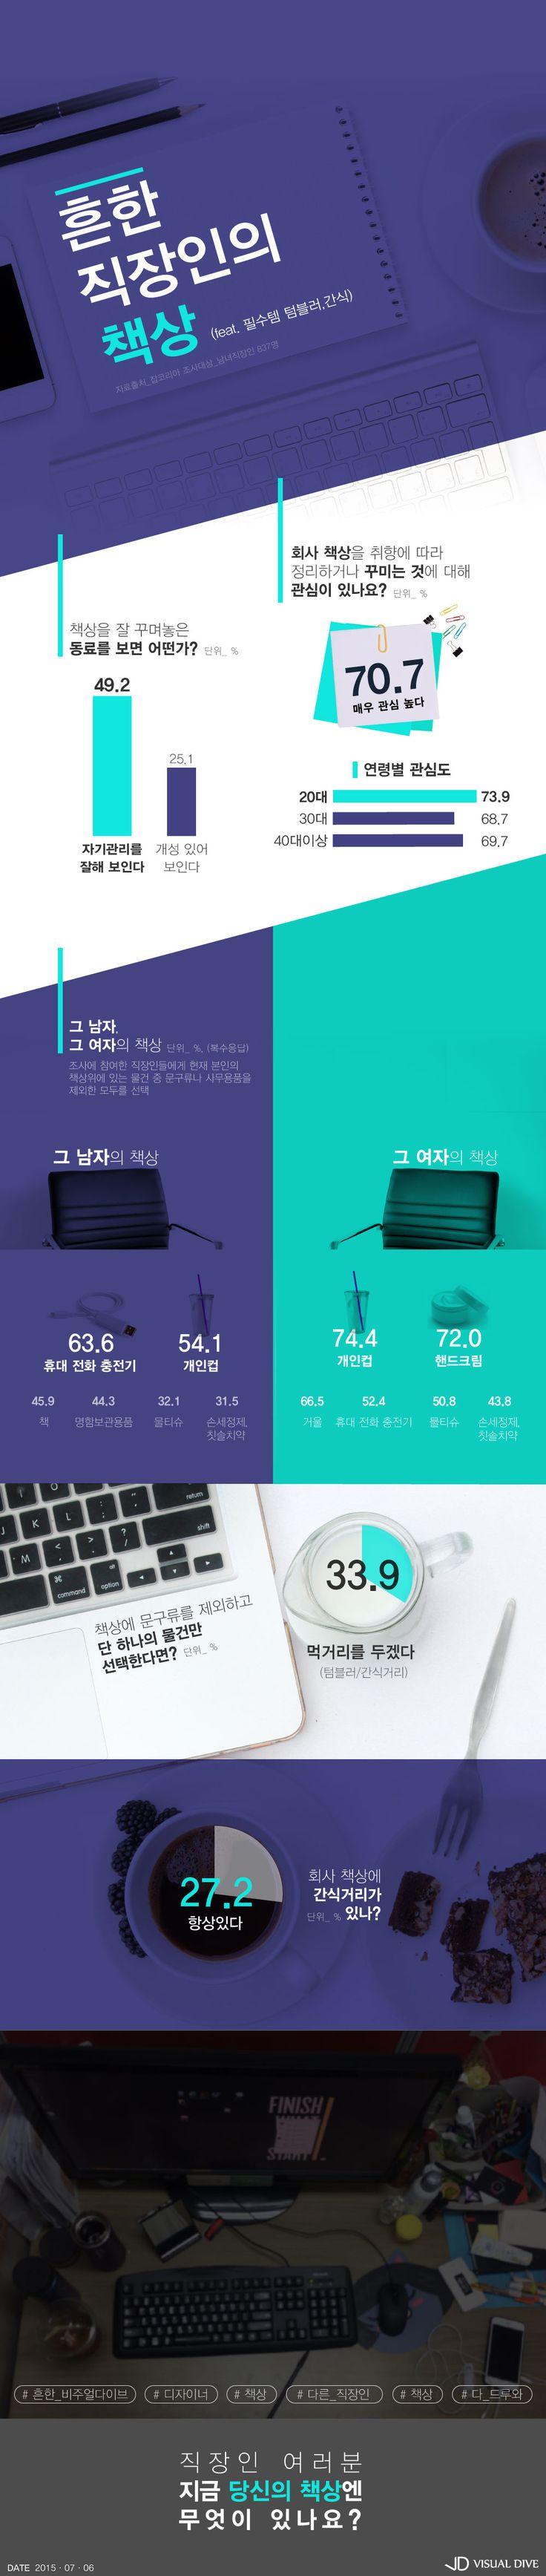 흔한 직장인의 책상…'당신의 책상엔 무엇이 있나요?' [인포그래픽] #desk / #Infographic ⓒ 비주얼다이브 무단 복사·전재·재배포 금지